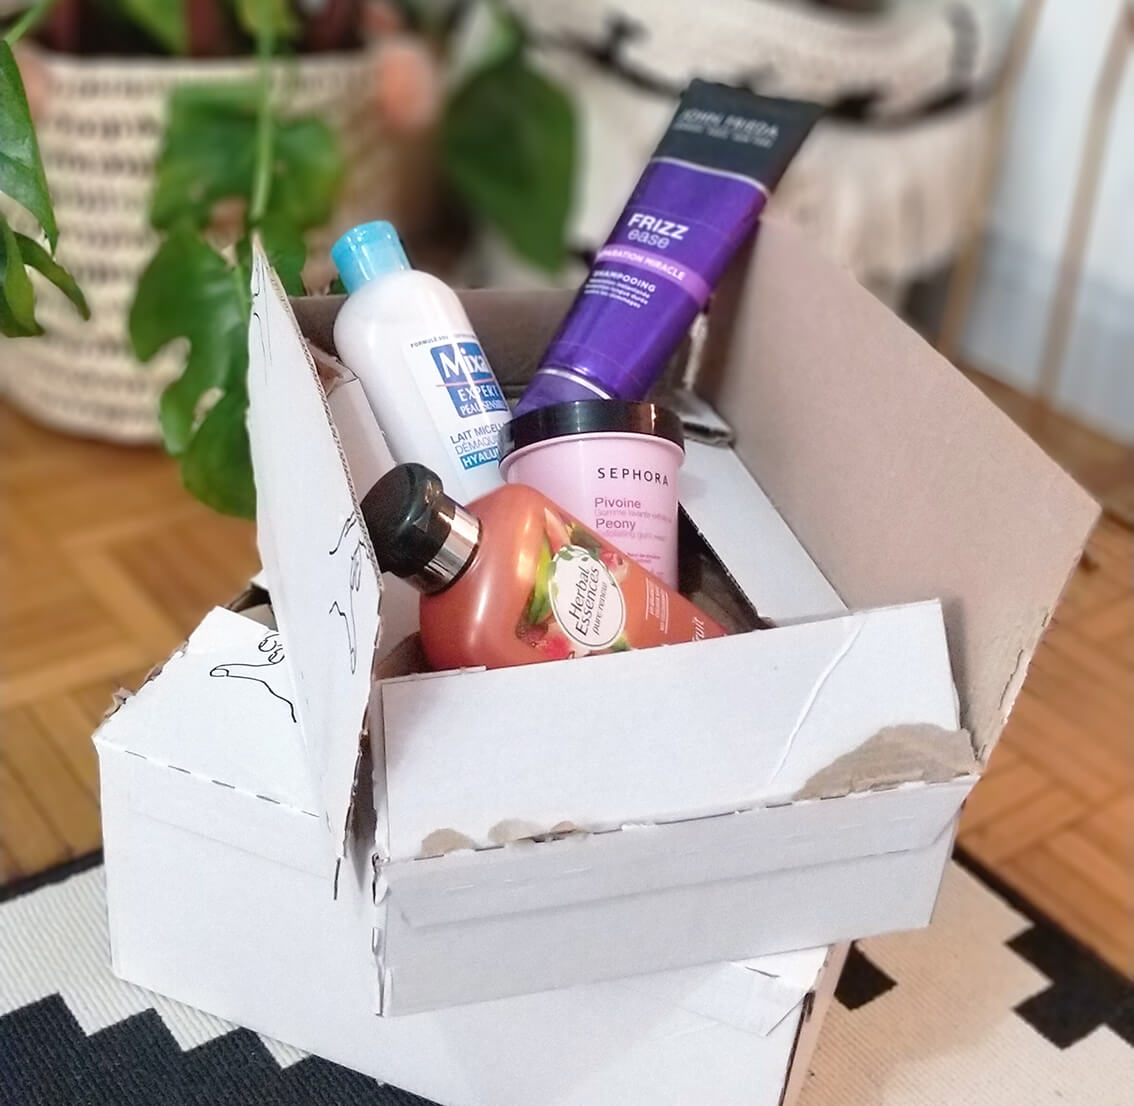 test produits gratuits - Comment recevoir des produits gratuitement ?